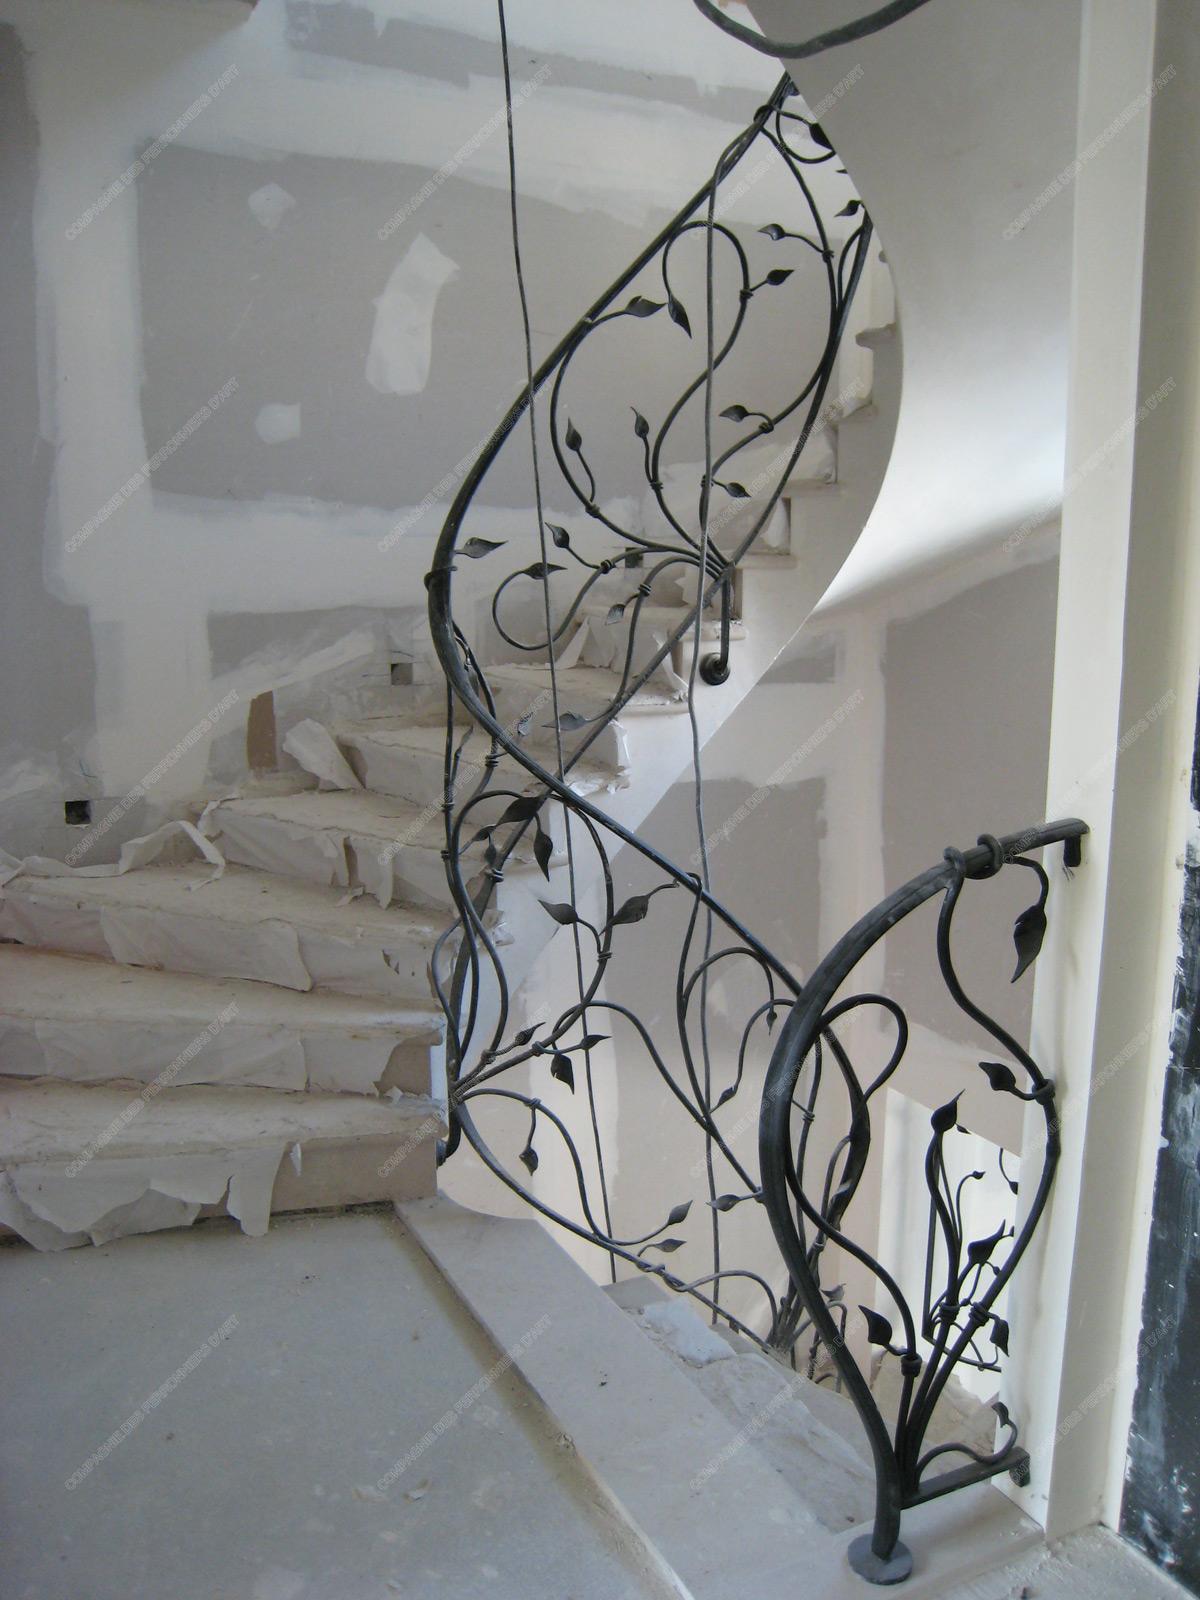 rampes d 39 escalier en fer forg floral et v g tal mod le. Black Bedroom Furniture Sets. Home Design Ideas